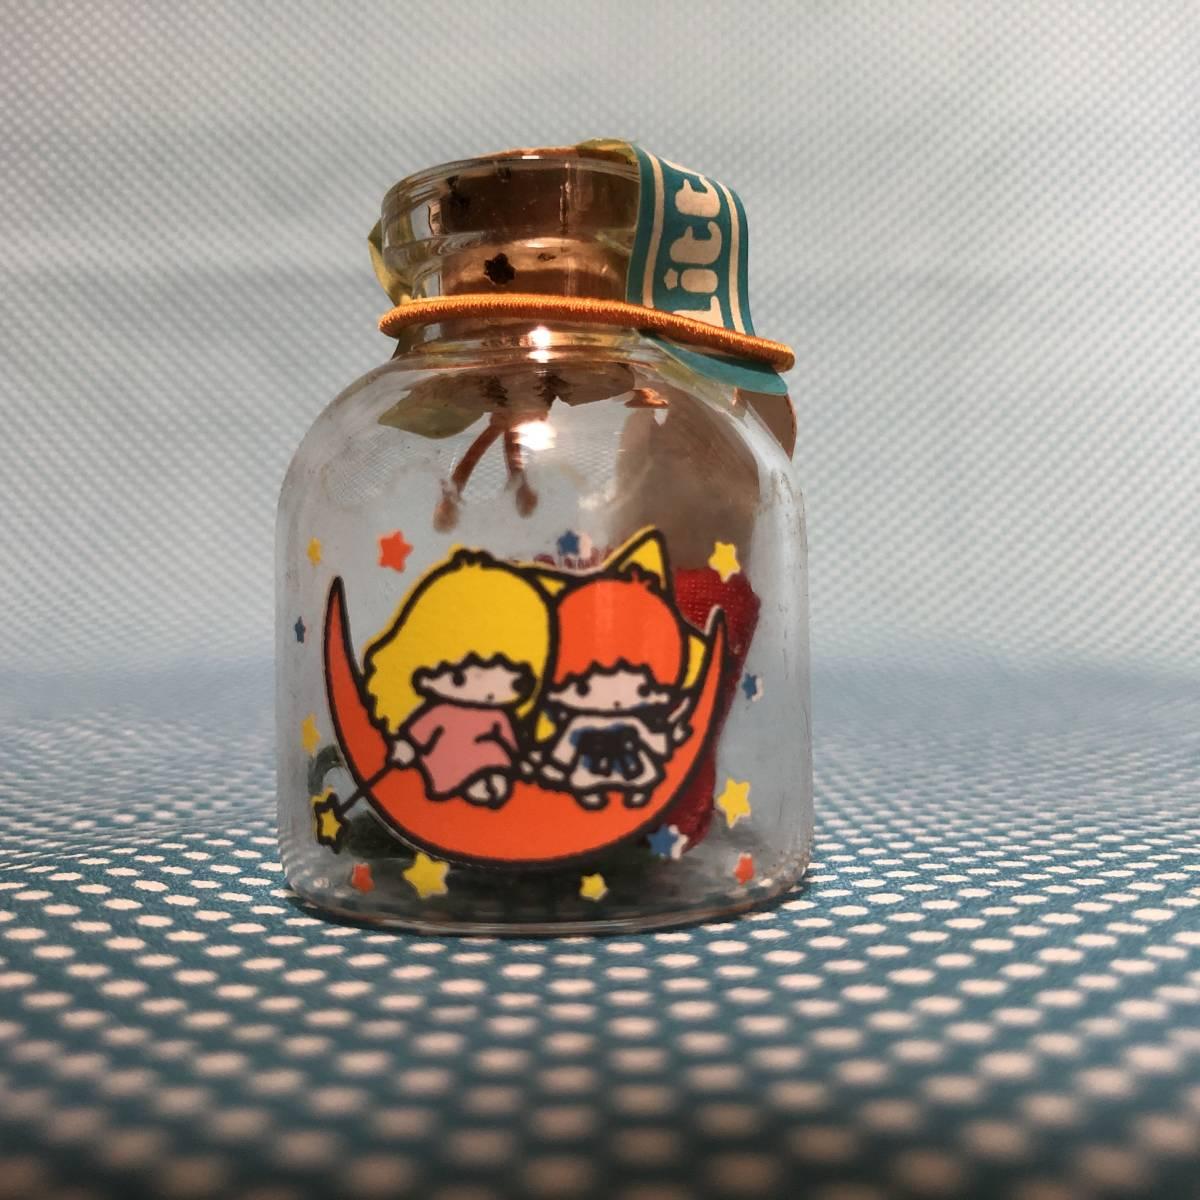 1976年 当時物 リトルツインスターズ リトルフレグランス 匂い袋 いちご 小瓶 レトロ キキララ サンリオ _画像2